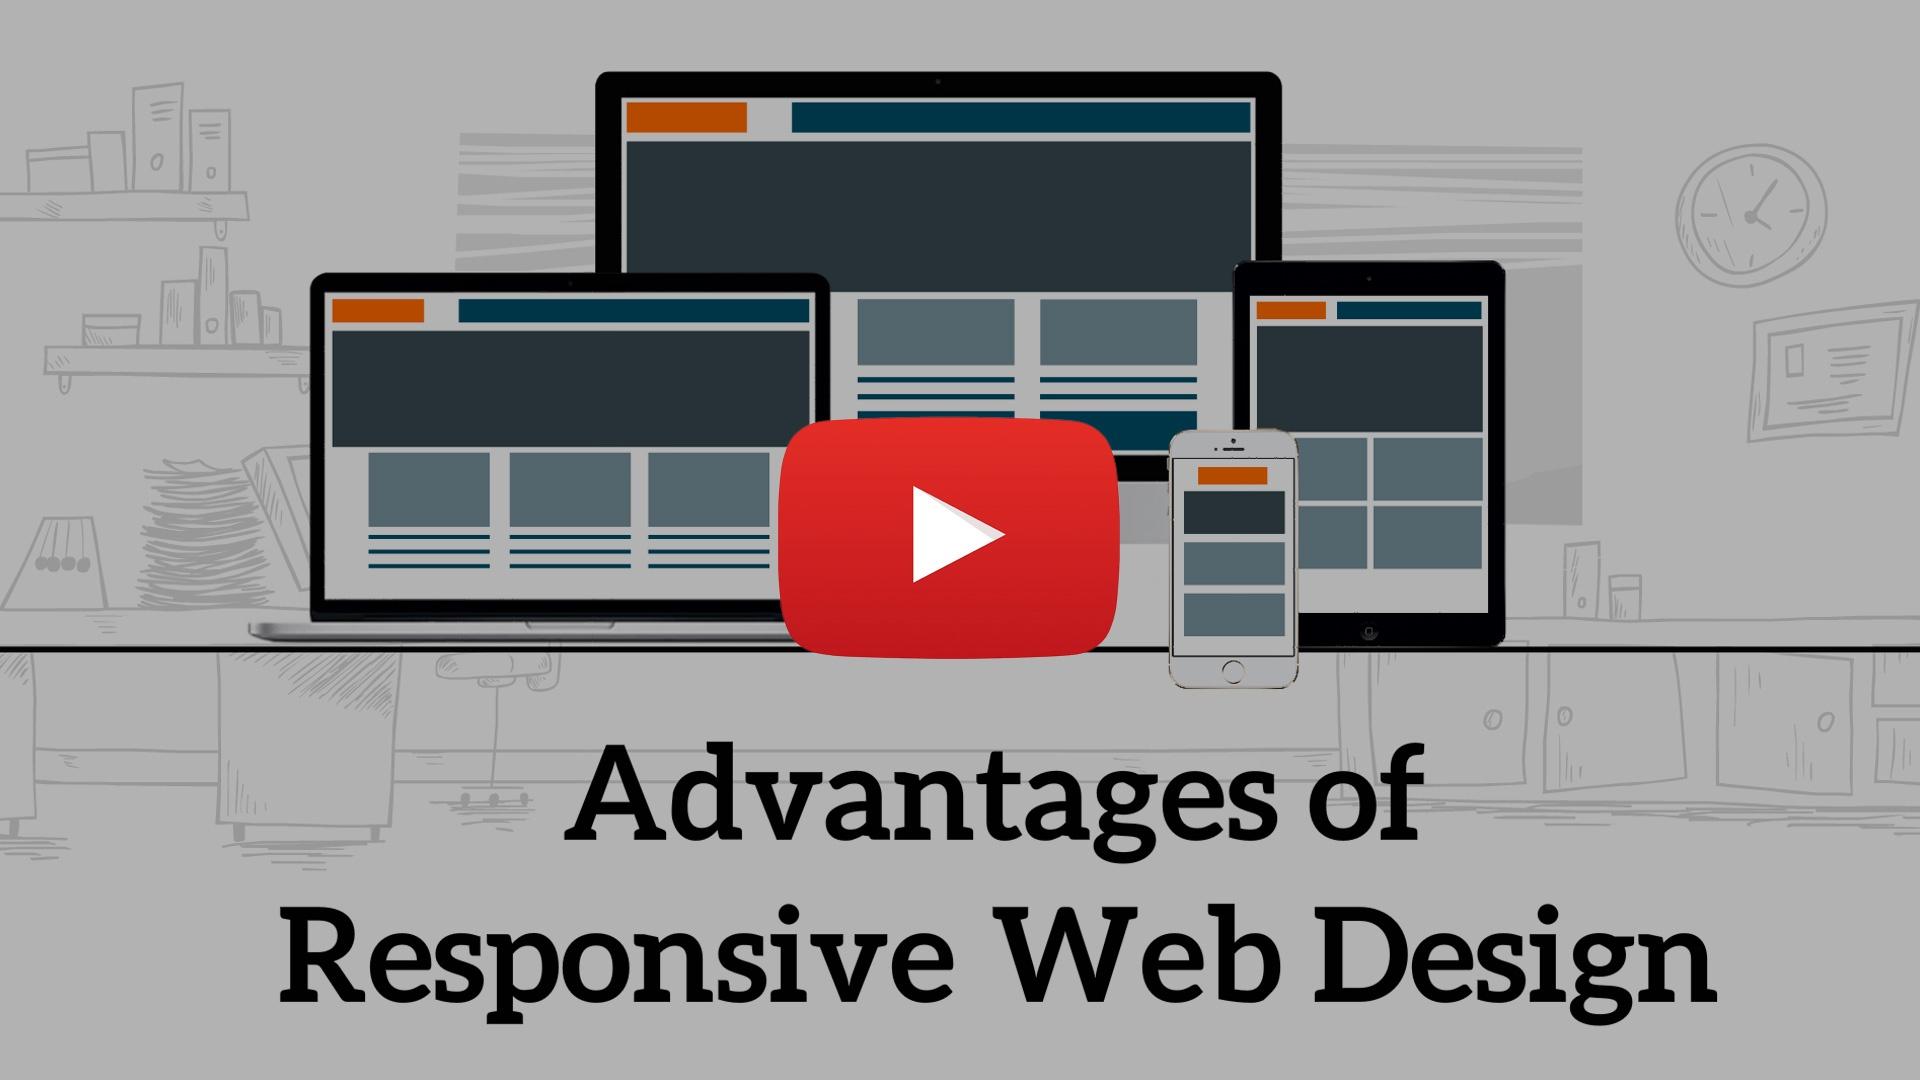 Advantages-of-Responsive-Web-Design-Fetured.jpg